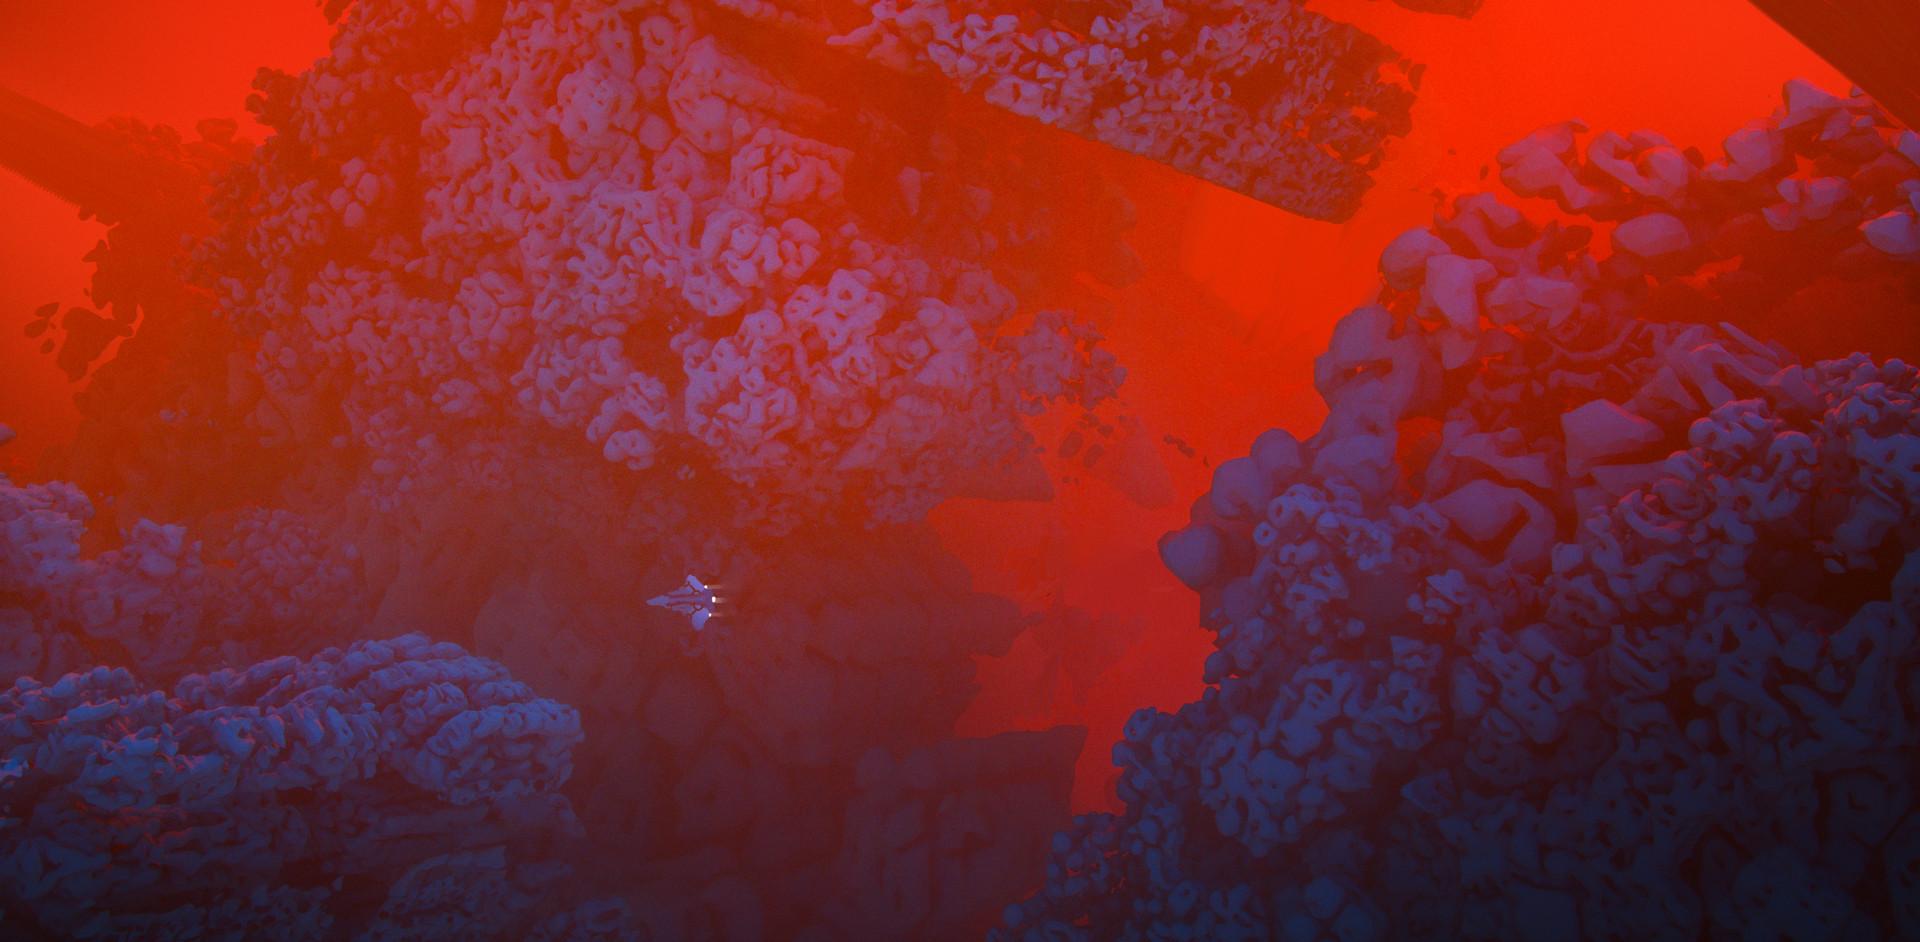 Leon tukker redblue fractal5